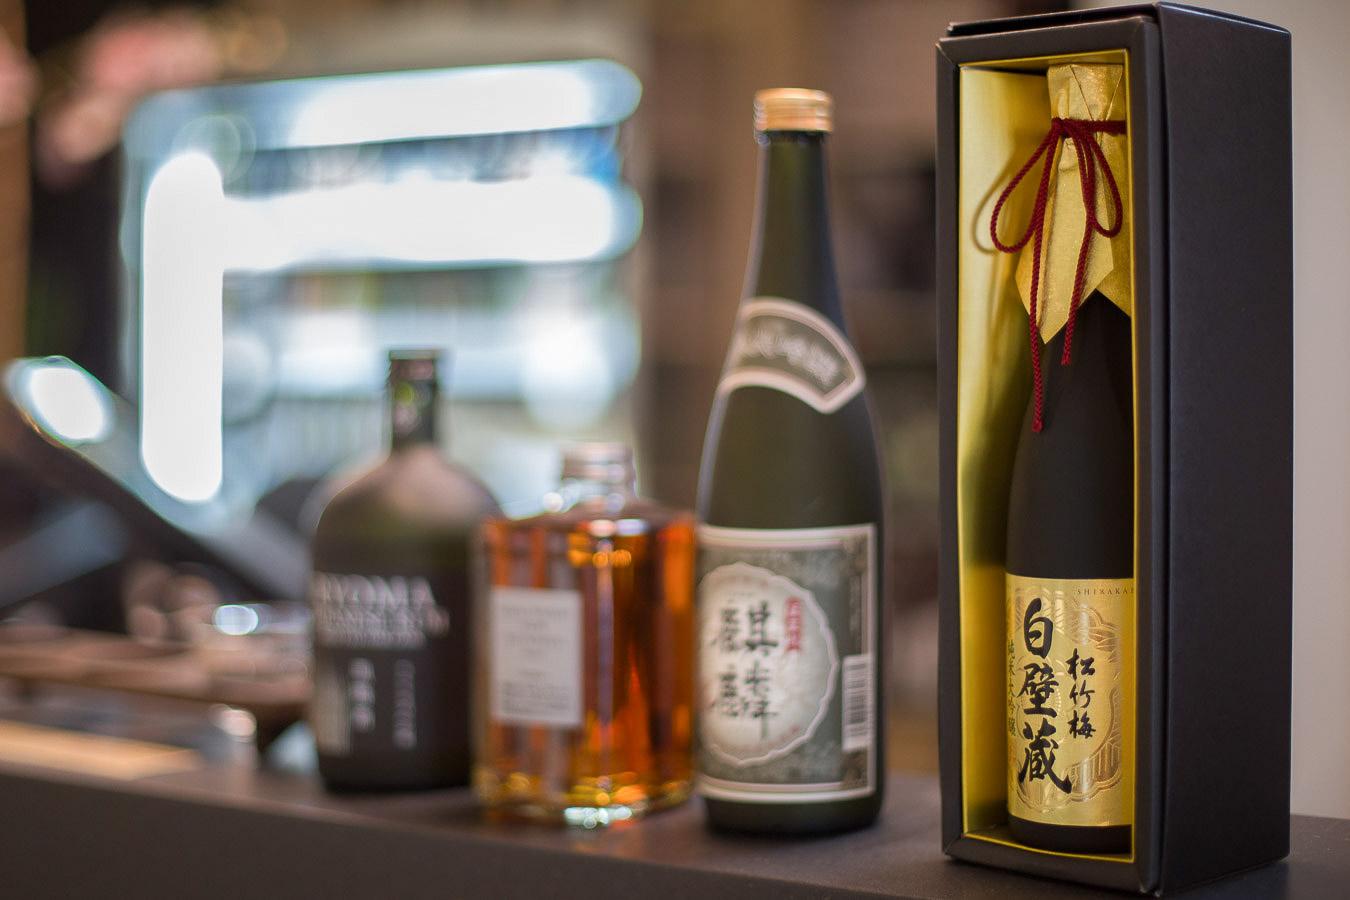 Alcools forts japonais, whisky et rhums en vente chez You Sushi à Bayonne.